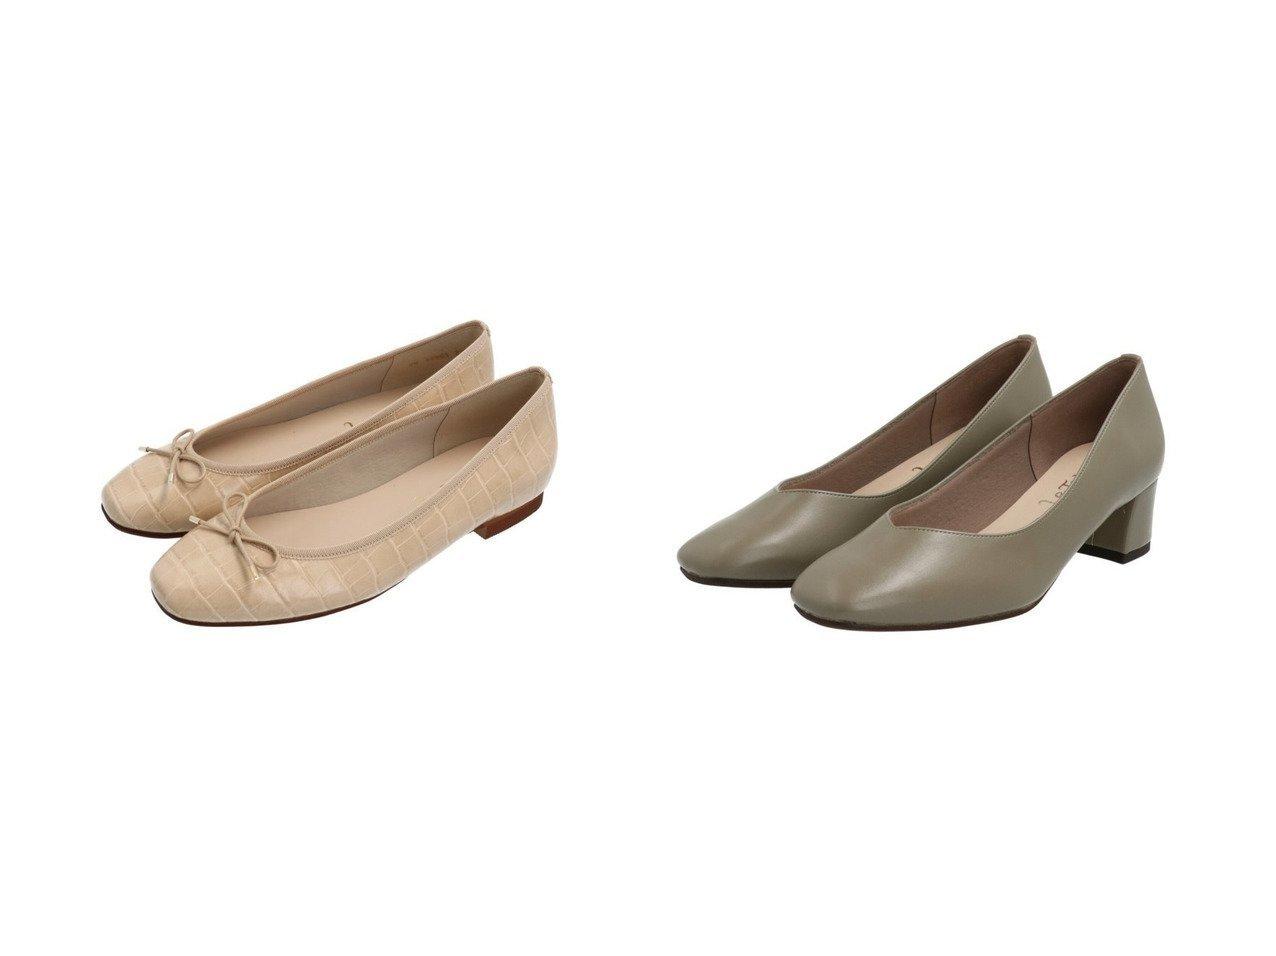 【Le Talon/ル タロン】の4cmスクエアVカットPS(21.5-25)&スクエアクロコバレエ(21-255) シューズ・靴のおすすめ!人気、トレンド・レディースファッションの通販  おすすめで人気の流行・トレンド、ファッションの通販商品 メンズファッション・キッズファッション・インテリア・家具・レディースファッション・服の通販 founy(ファニー) https://founy.com/ ファッション Fashion レディースファッション WOMEN 2020年 2020 2020-2021 秋冬 A/W AW Autumn/Winter / FW Fall-Winter 2020-2021 A/W 秋冬 AW Autumn/Winter / FW Fall-Winter インソール クッション シューズ スクエア バレエ ベーシック ライニング フォルム |ID:crp329100000009815